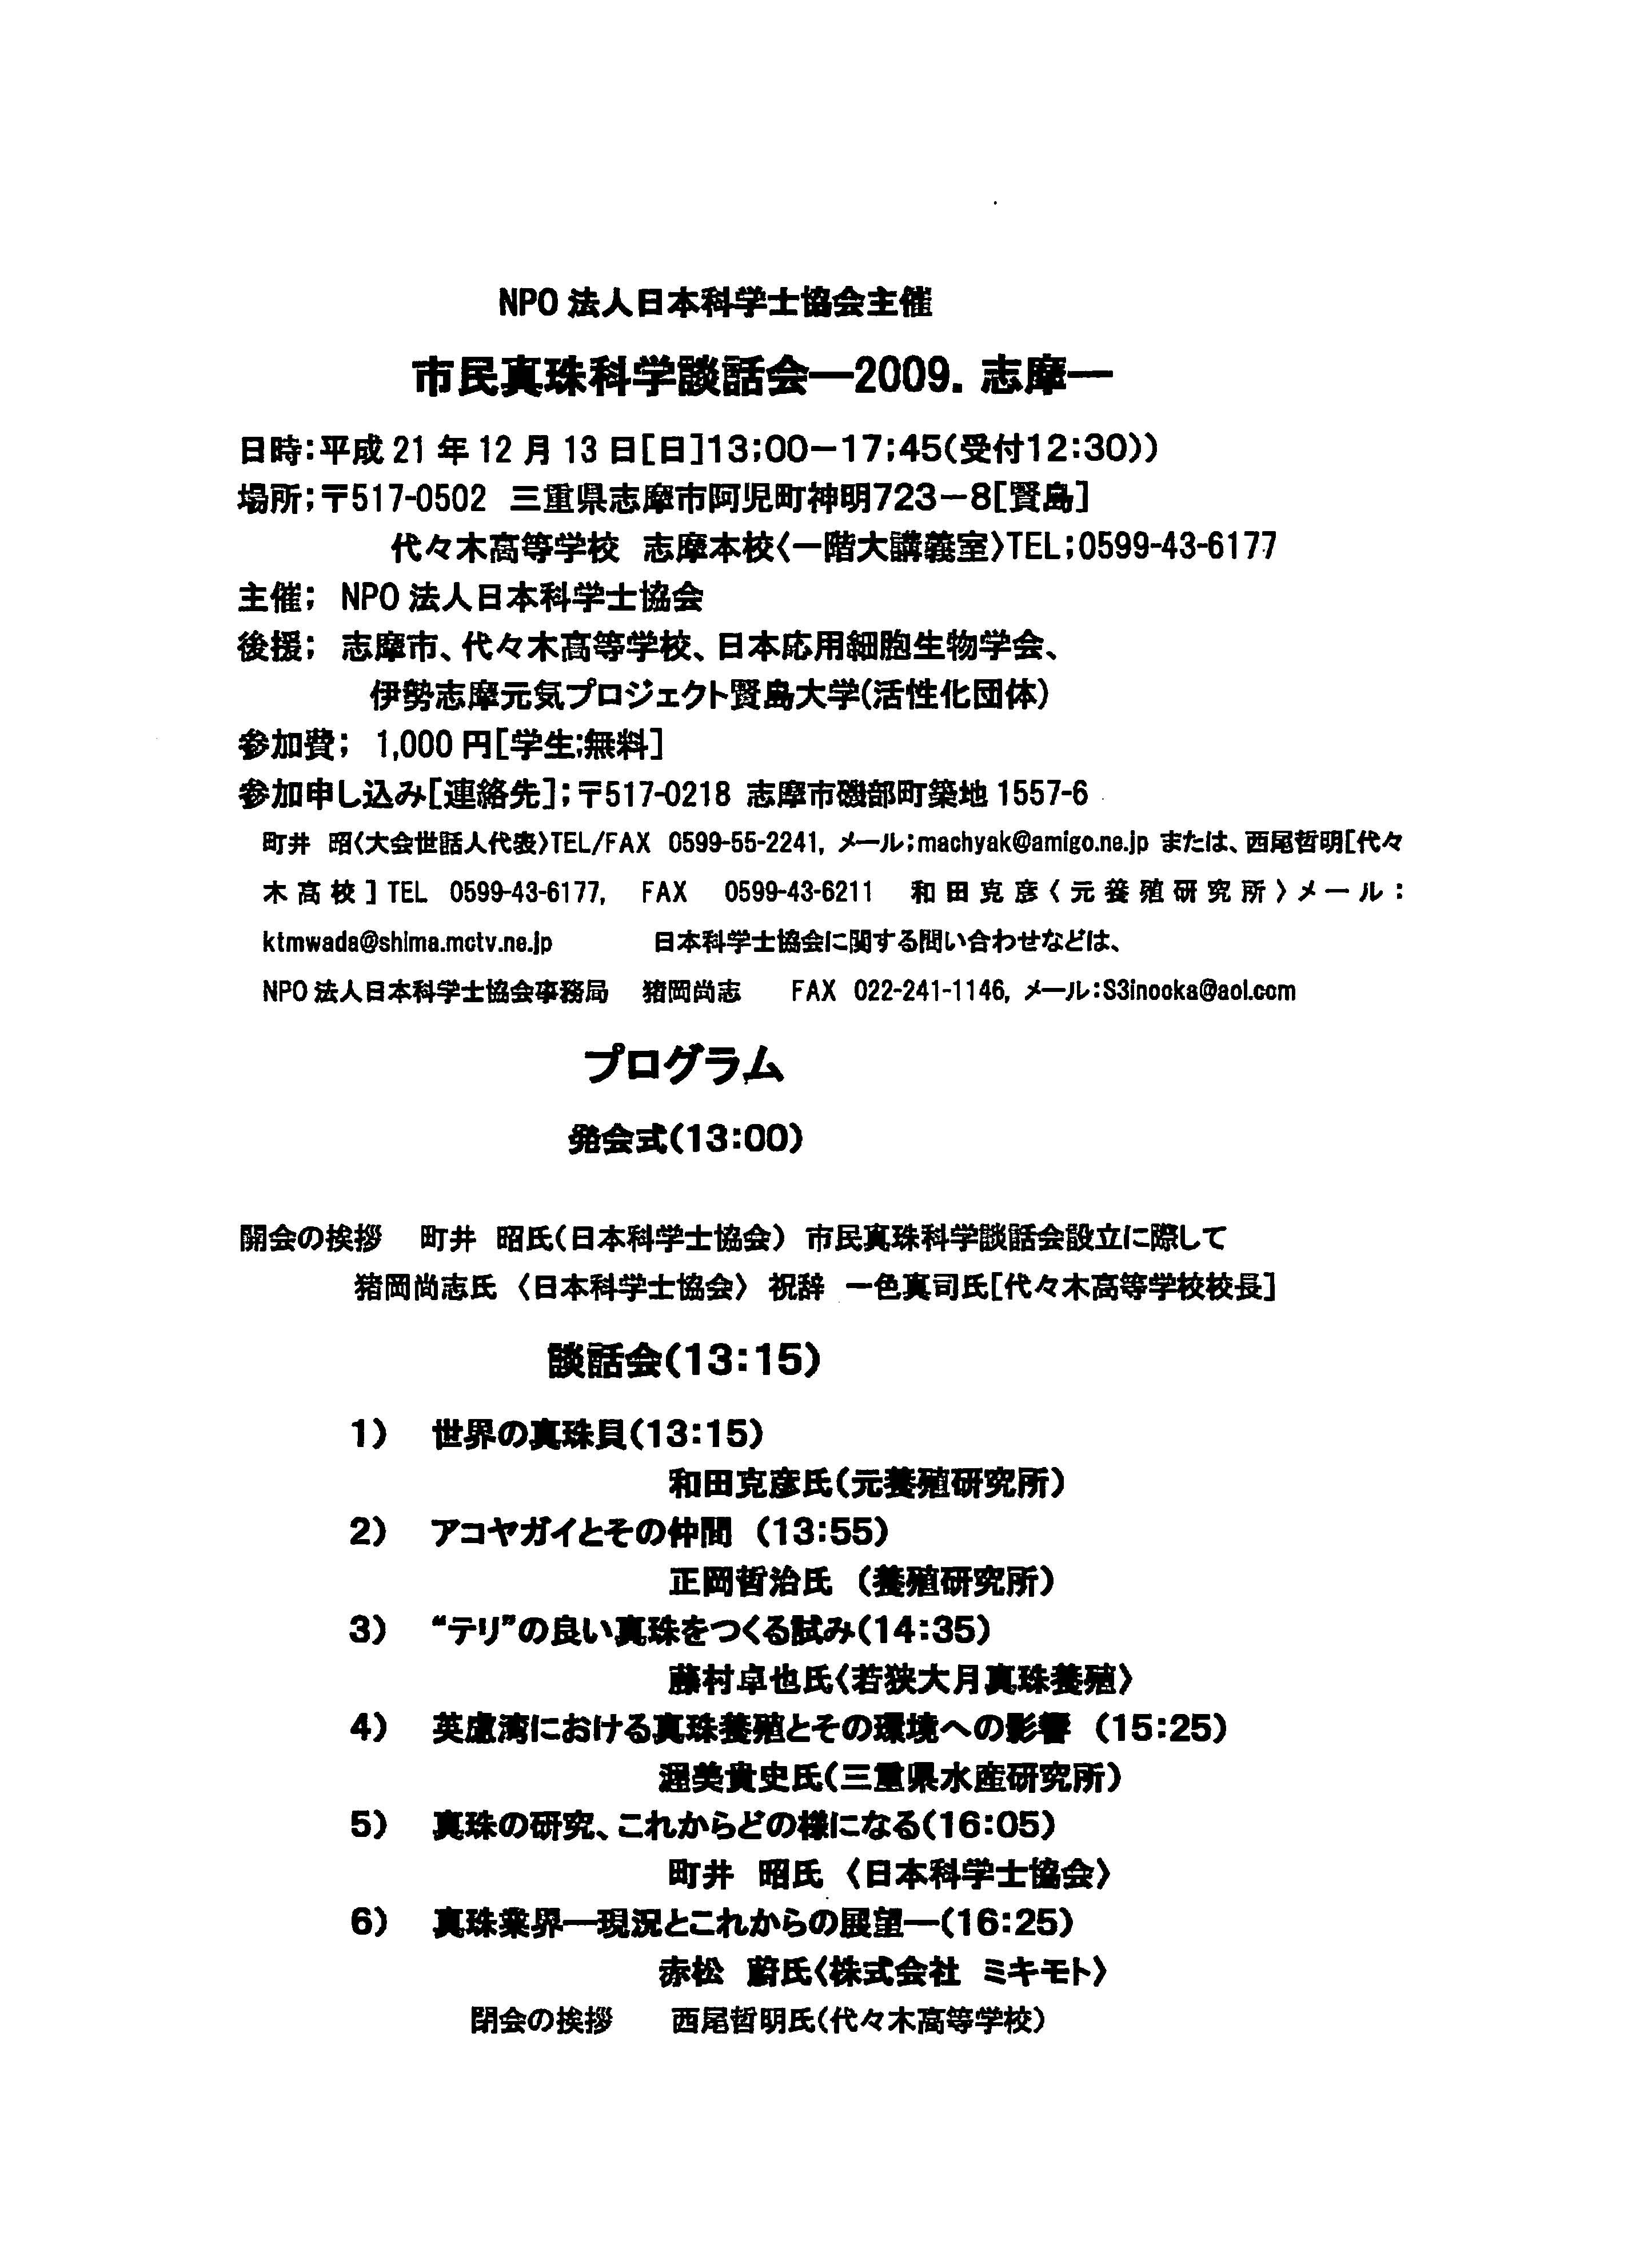 http://iseshima.org/0911sinjyudaiwakai.jpg